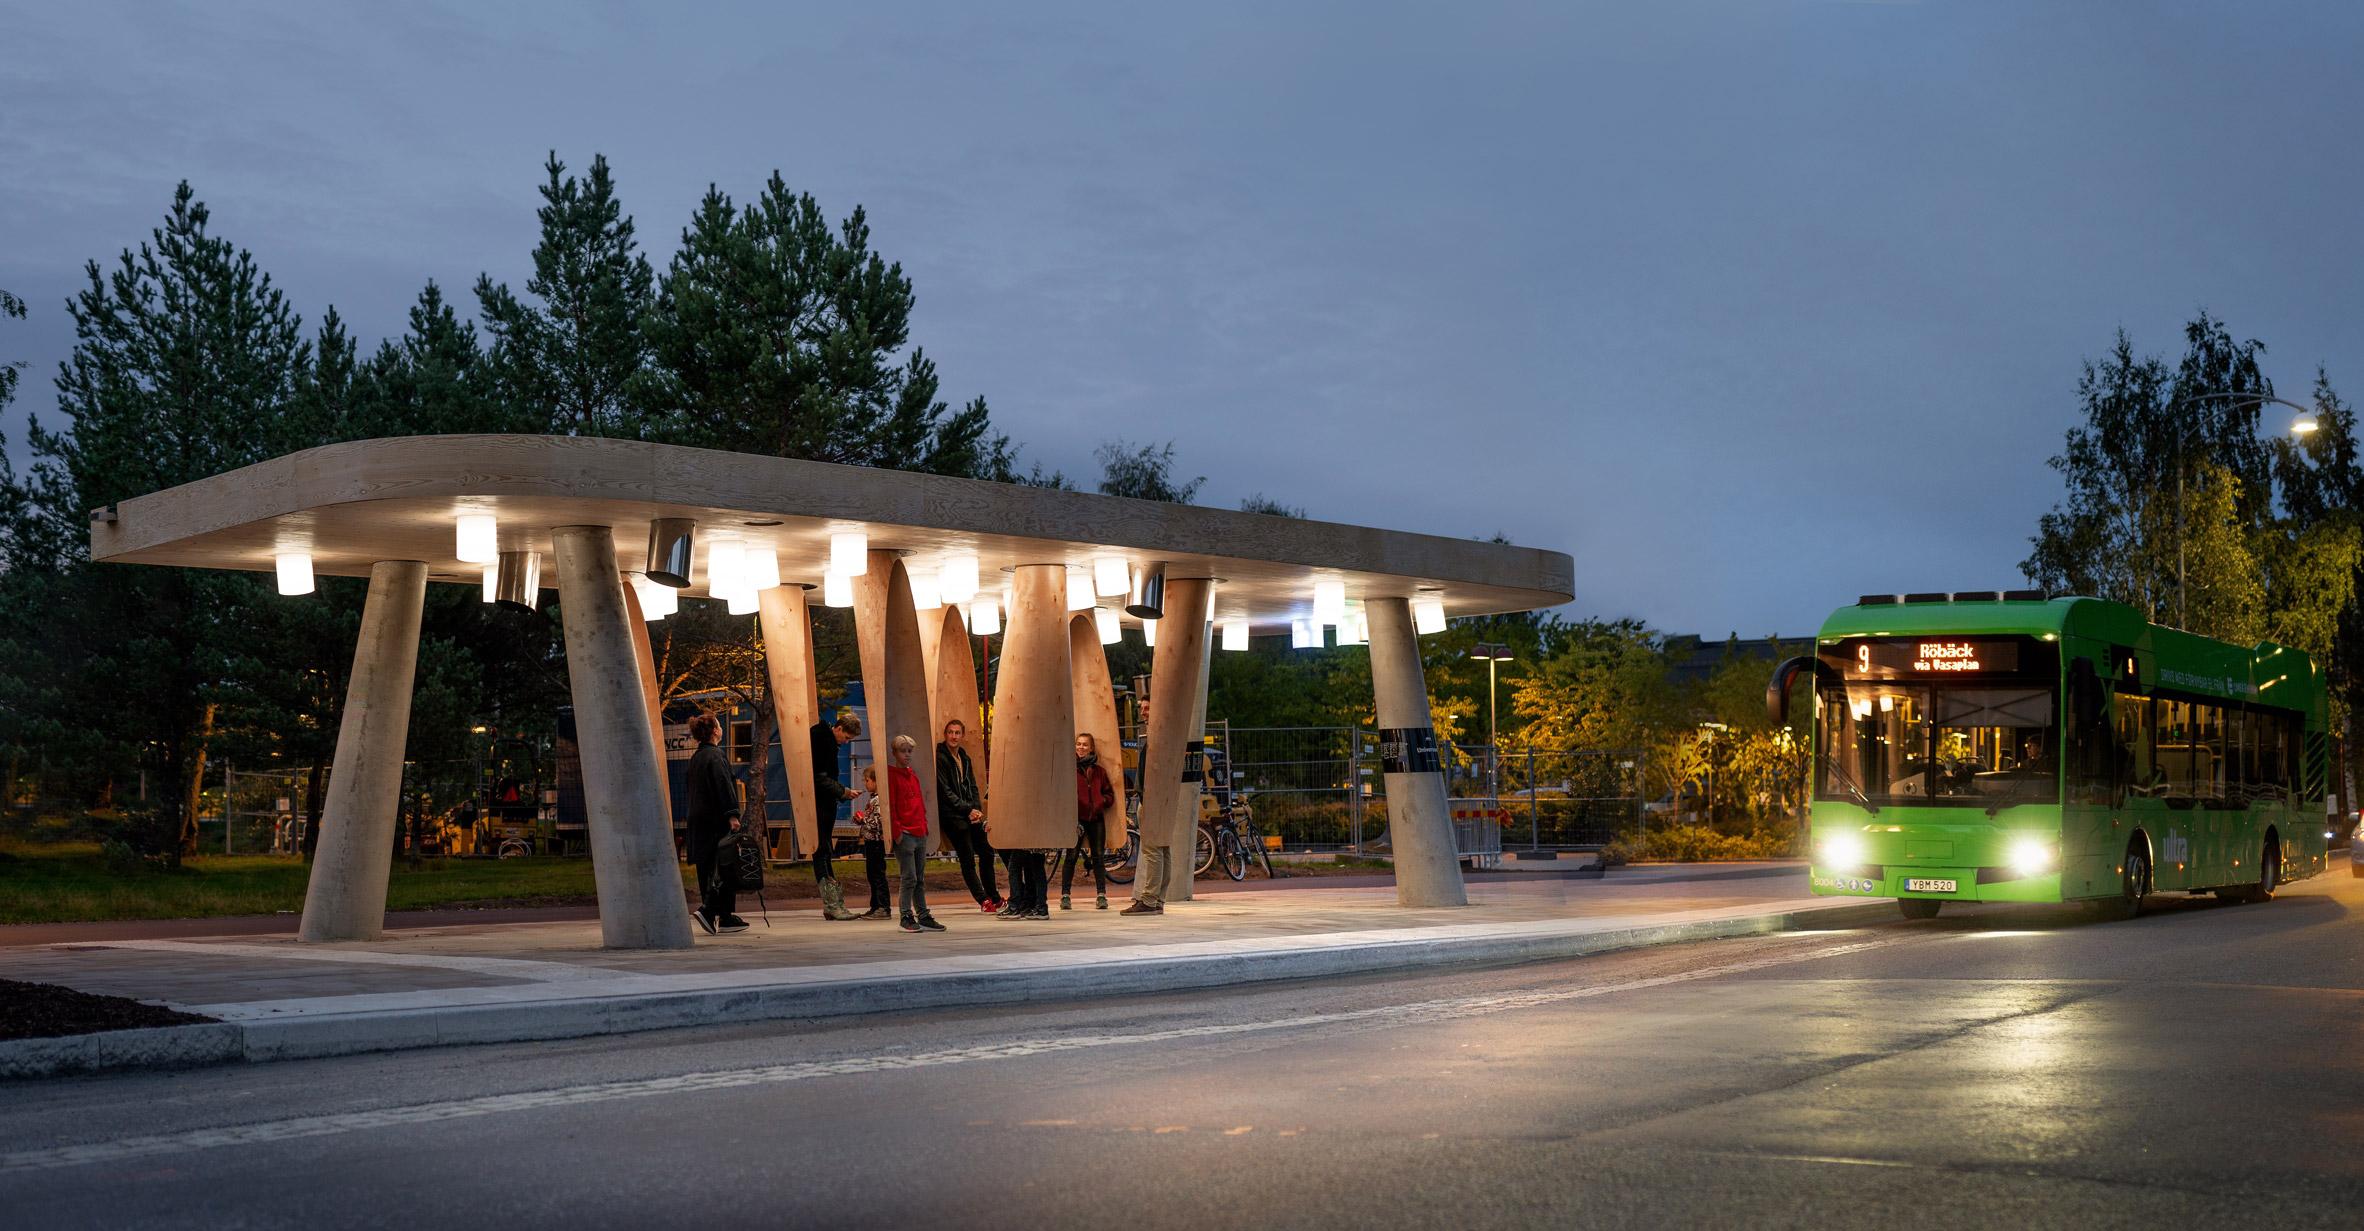 让等公交车不再寒冷 温暖的智能公交车站